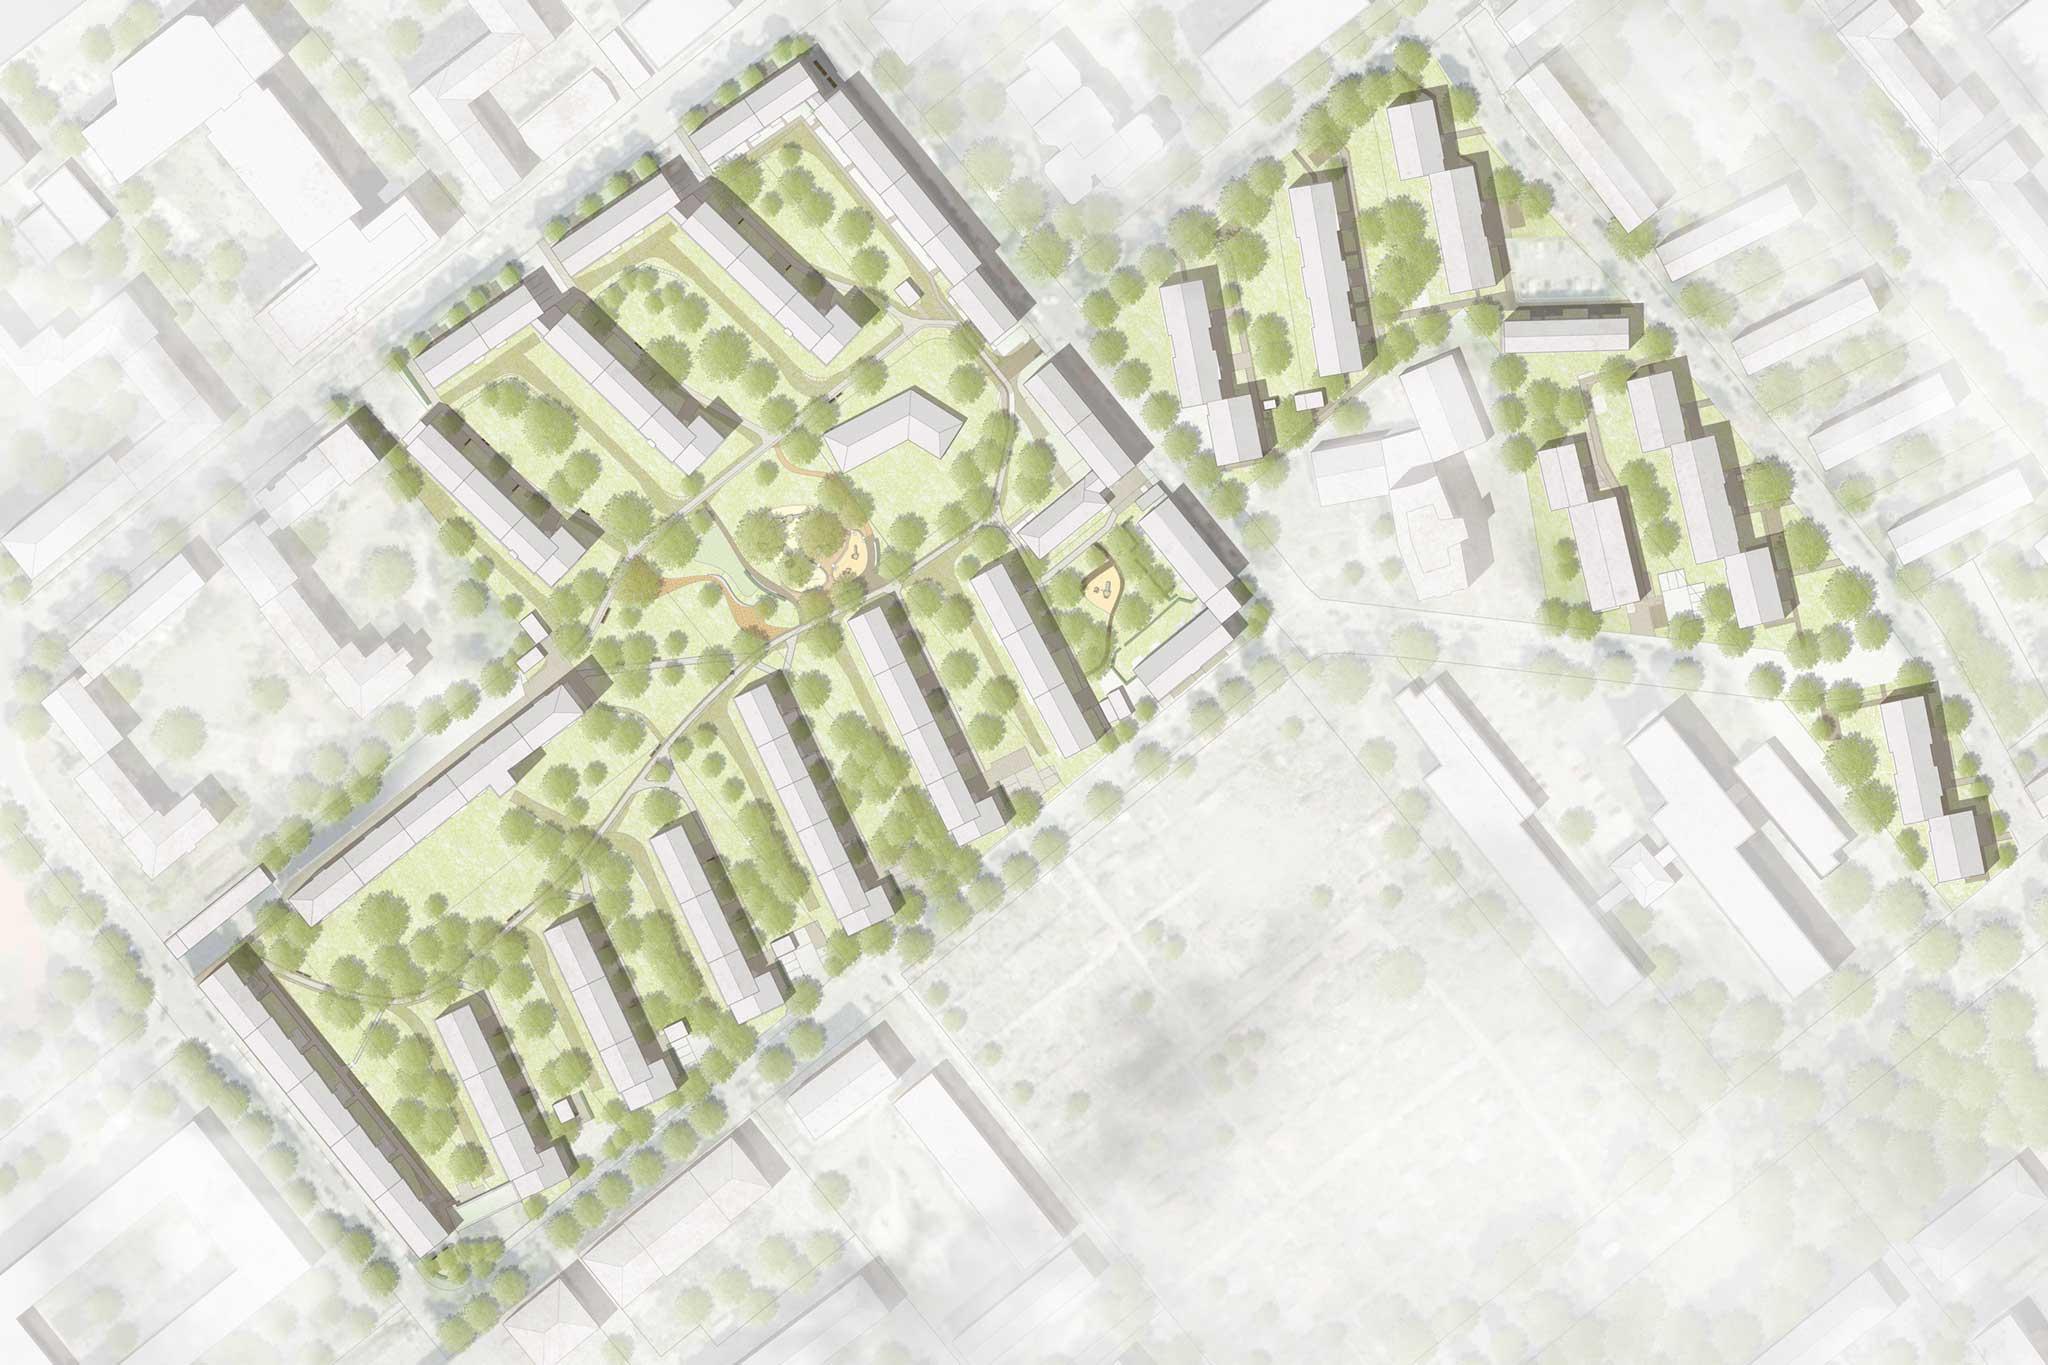 Wohnanlage Max II München - Gestaltung Freiflächen - Lageplan